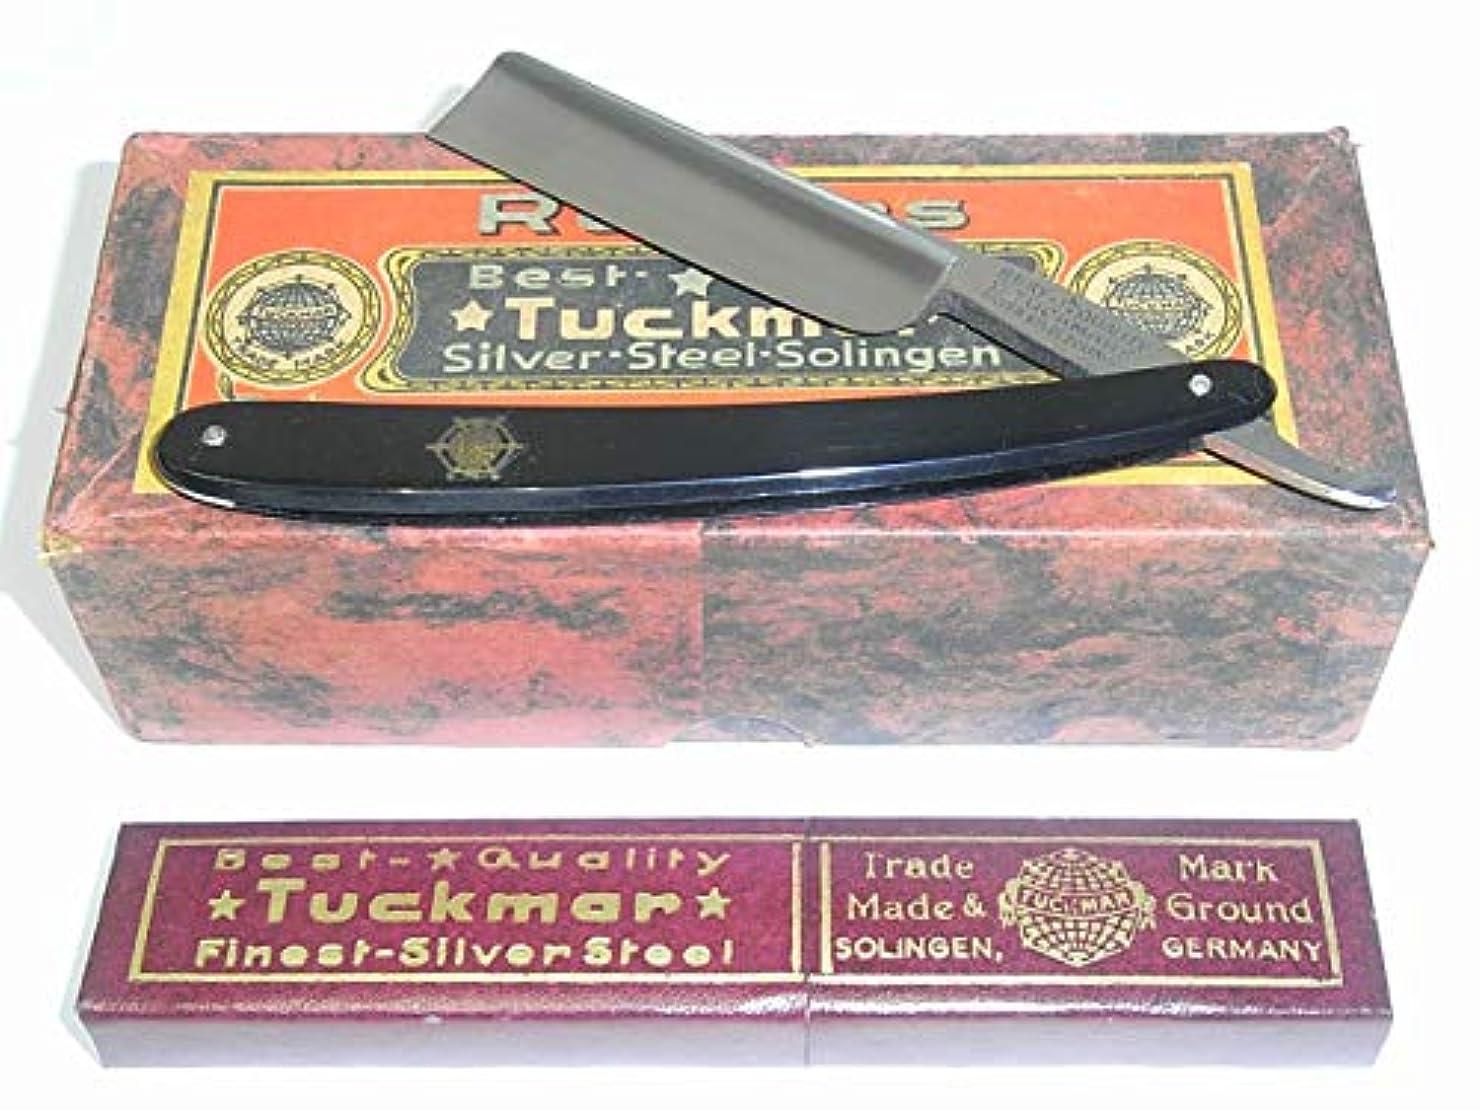 破滅弾力性のある崇拝します西洋カミソリ ゾーリンゲン TUCKMAR ドイツ製 刃渡72mm×刃幅6/8インチ 外箱付